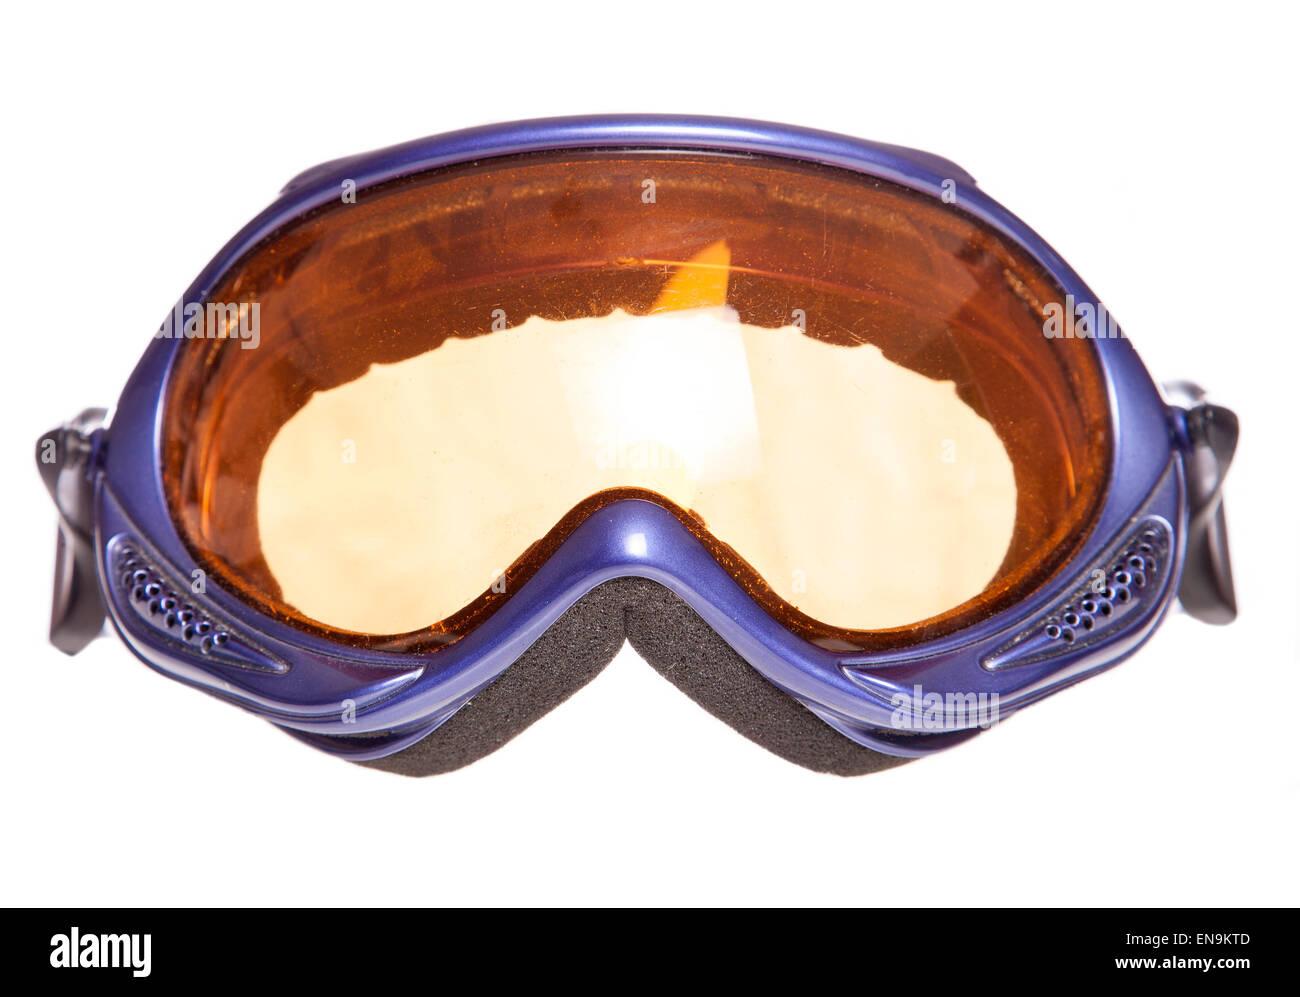 Viola occhiali da sci studio ritaglio Immagini Stock